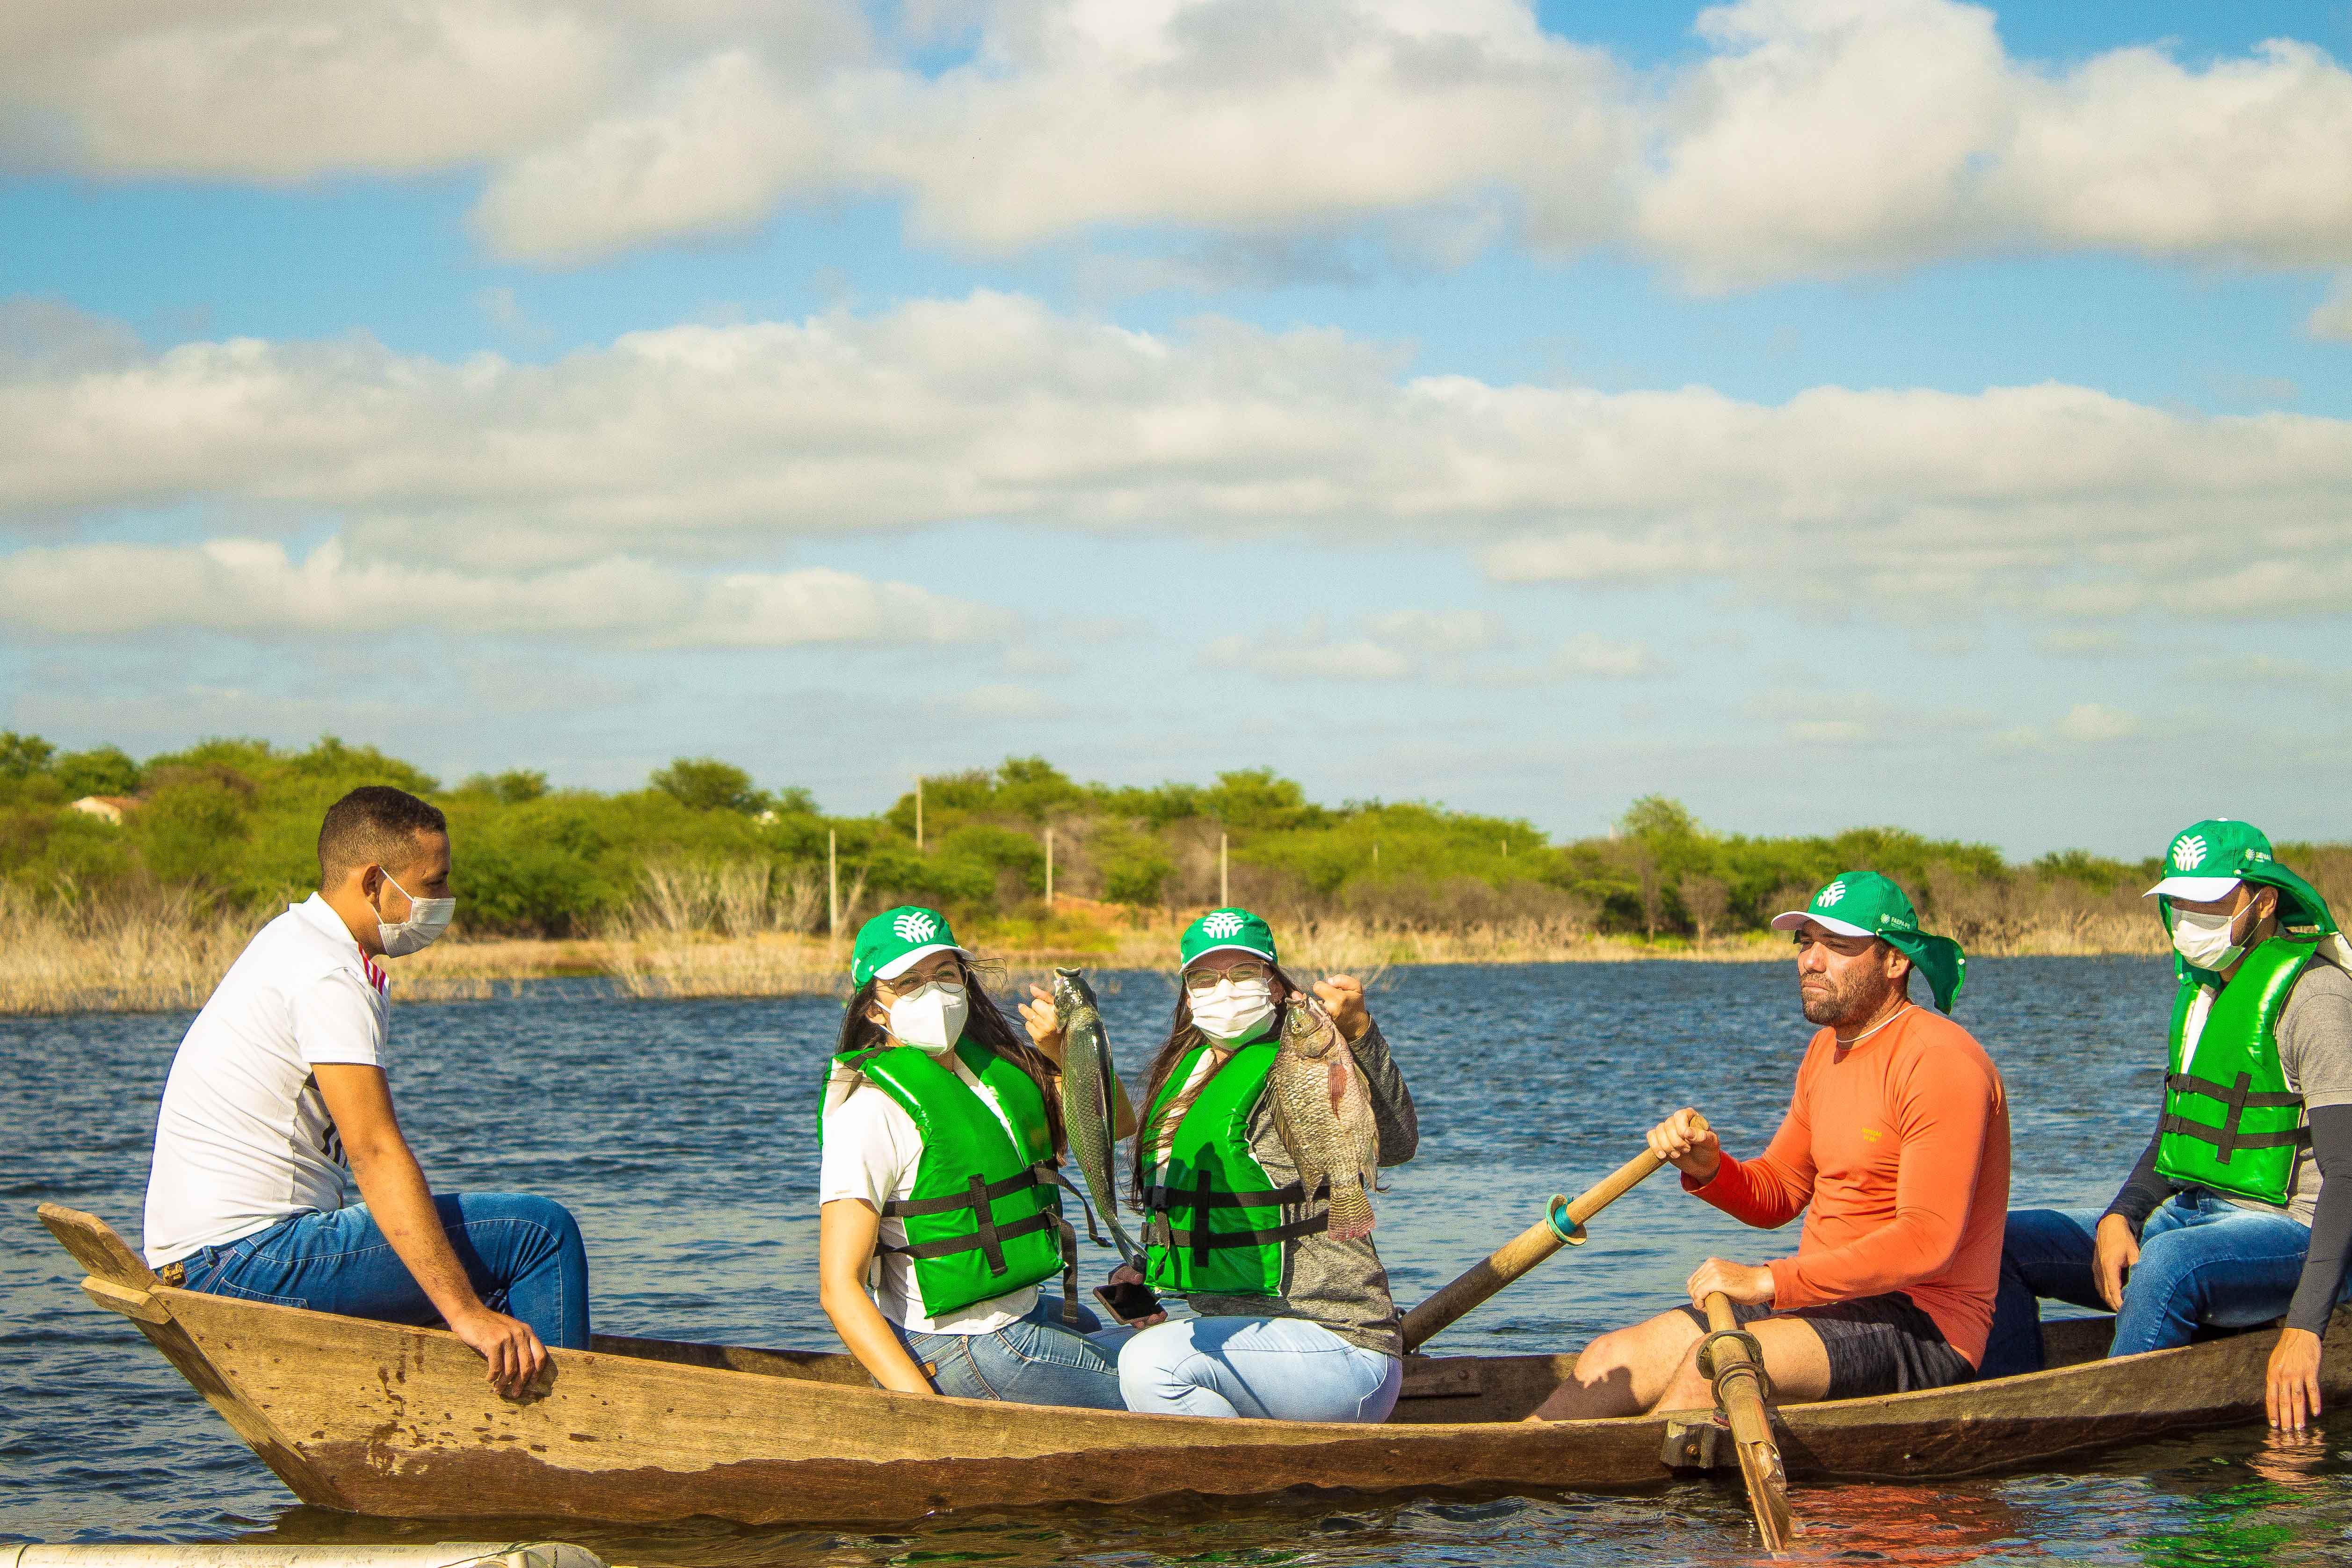 2021-09-17-e-19-curso-piscicultura-francisco-cesar-4573.jpg